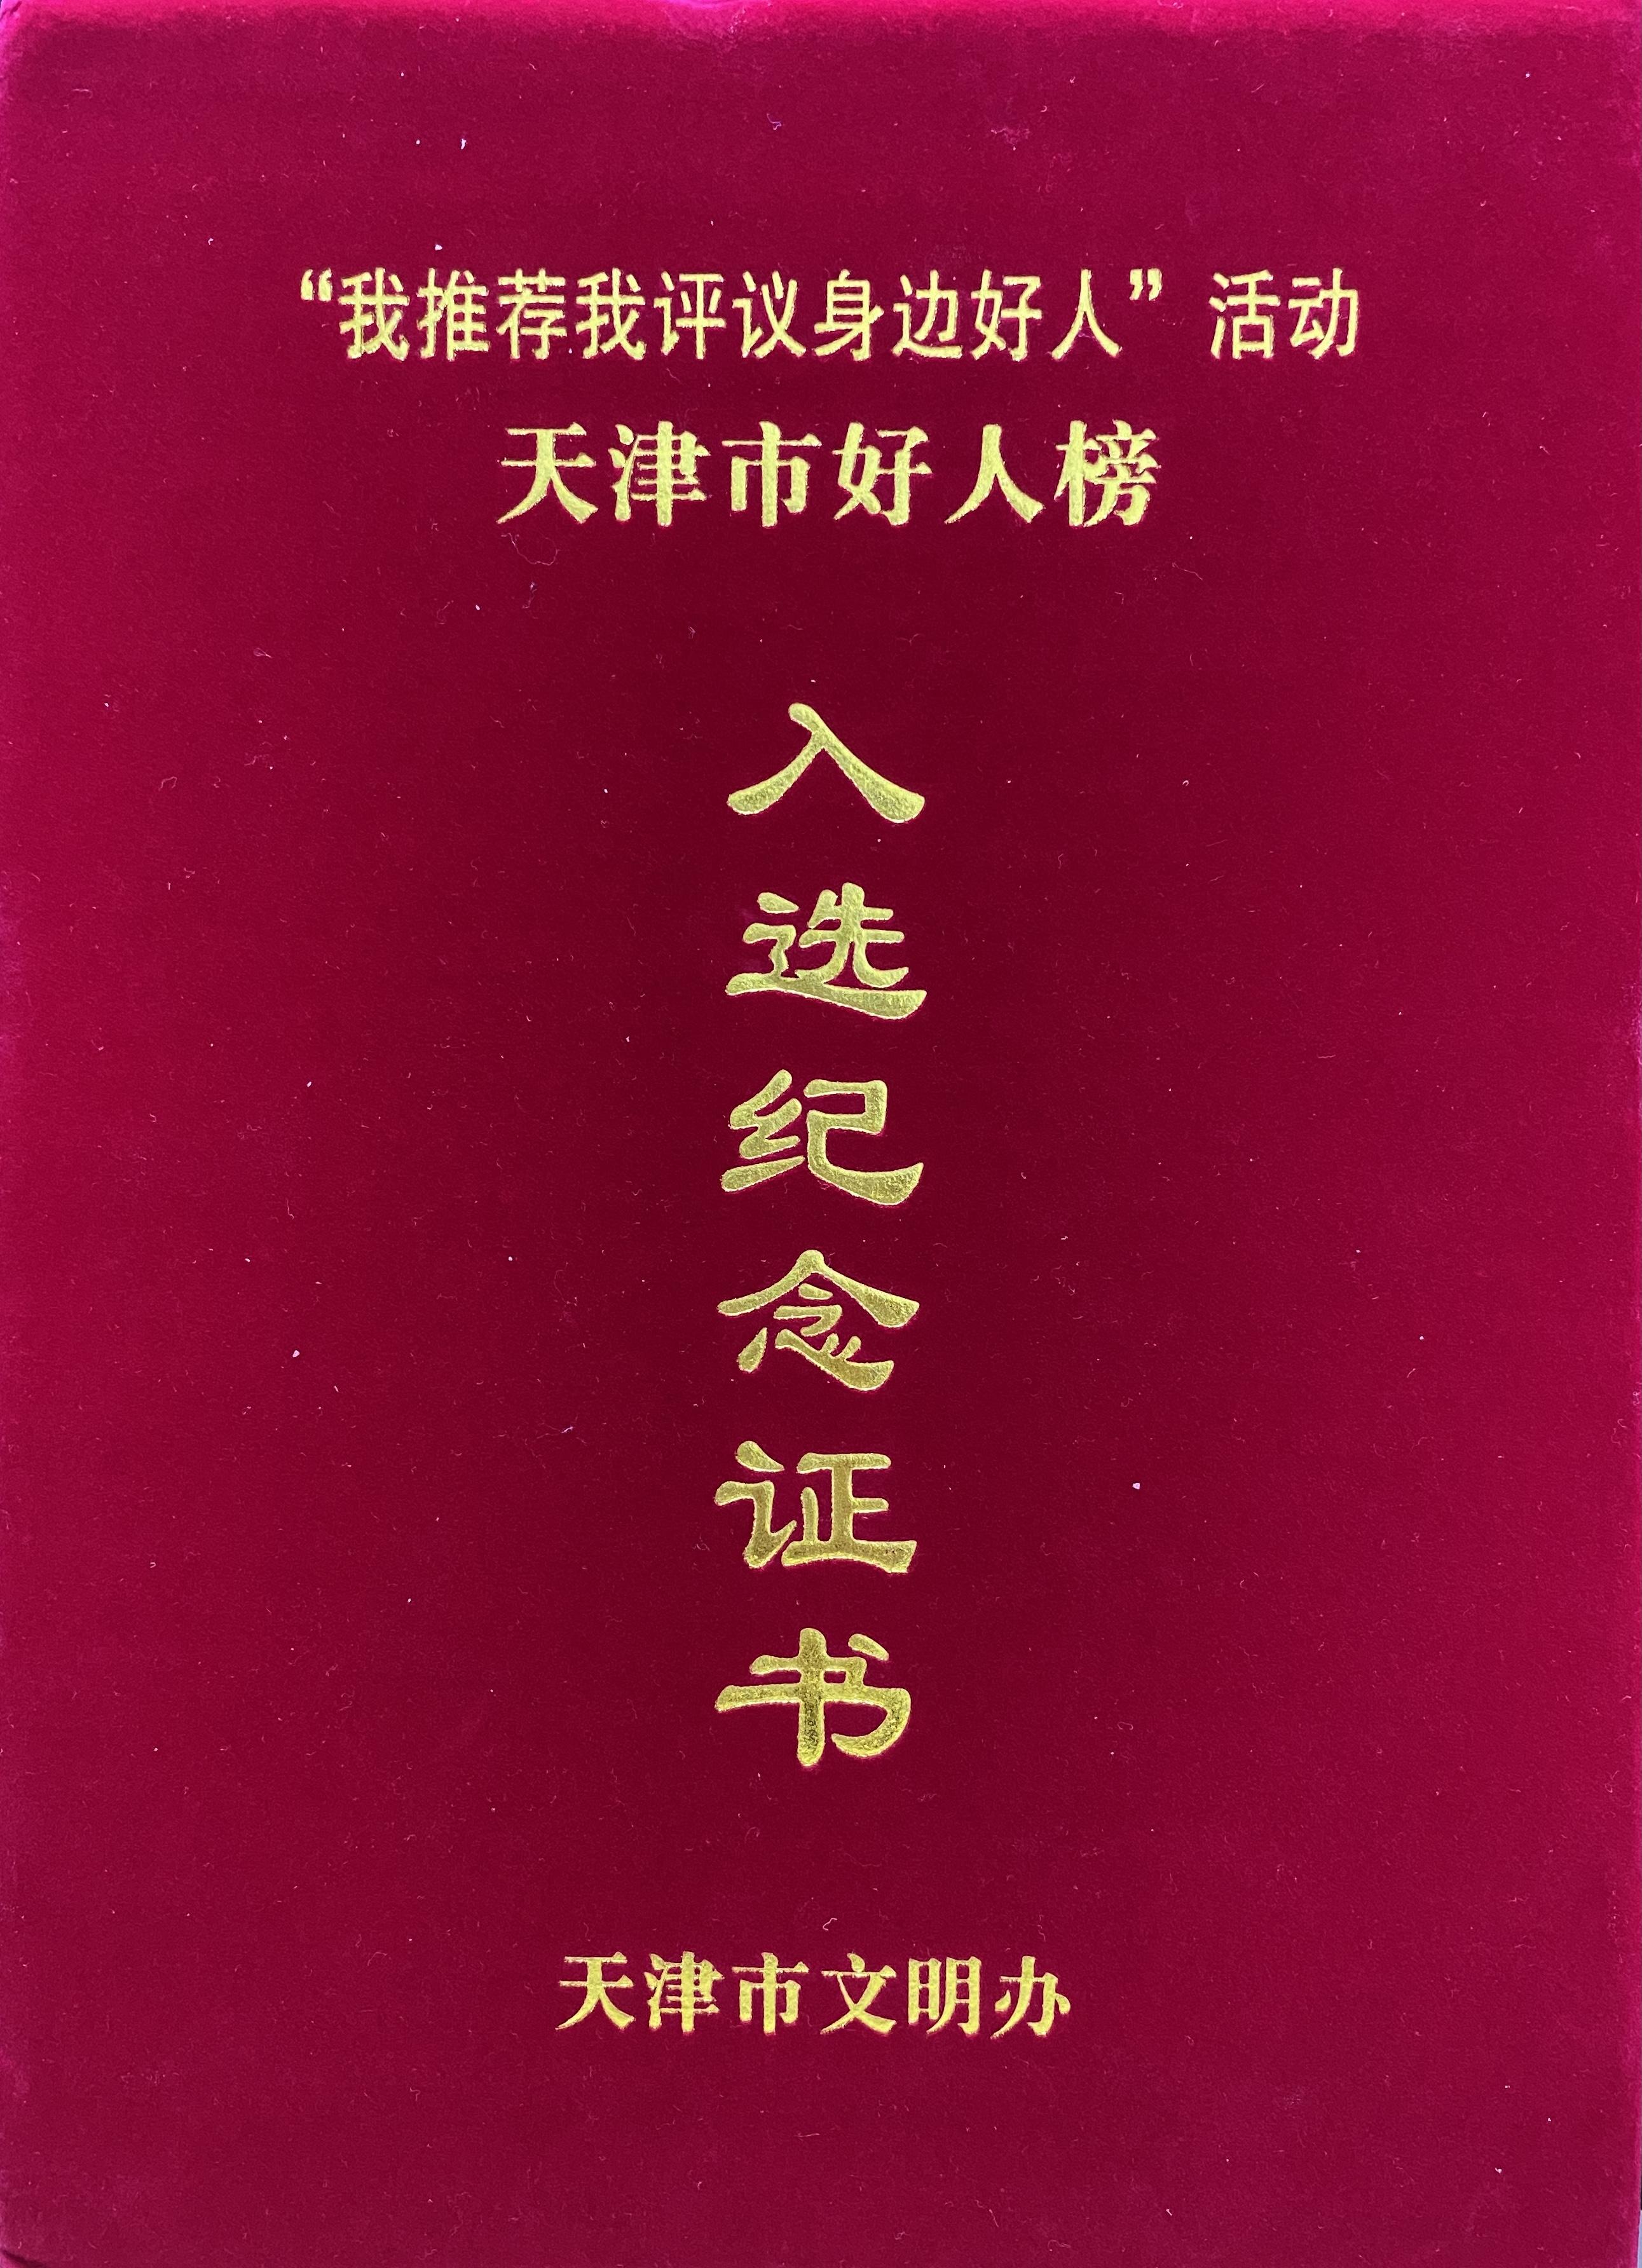 """和平区纪委监委干部唐铭、胡弼华荣登 """"天津好人榜"""""""